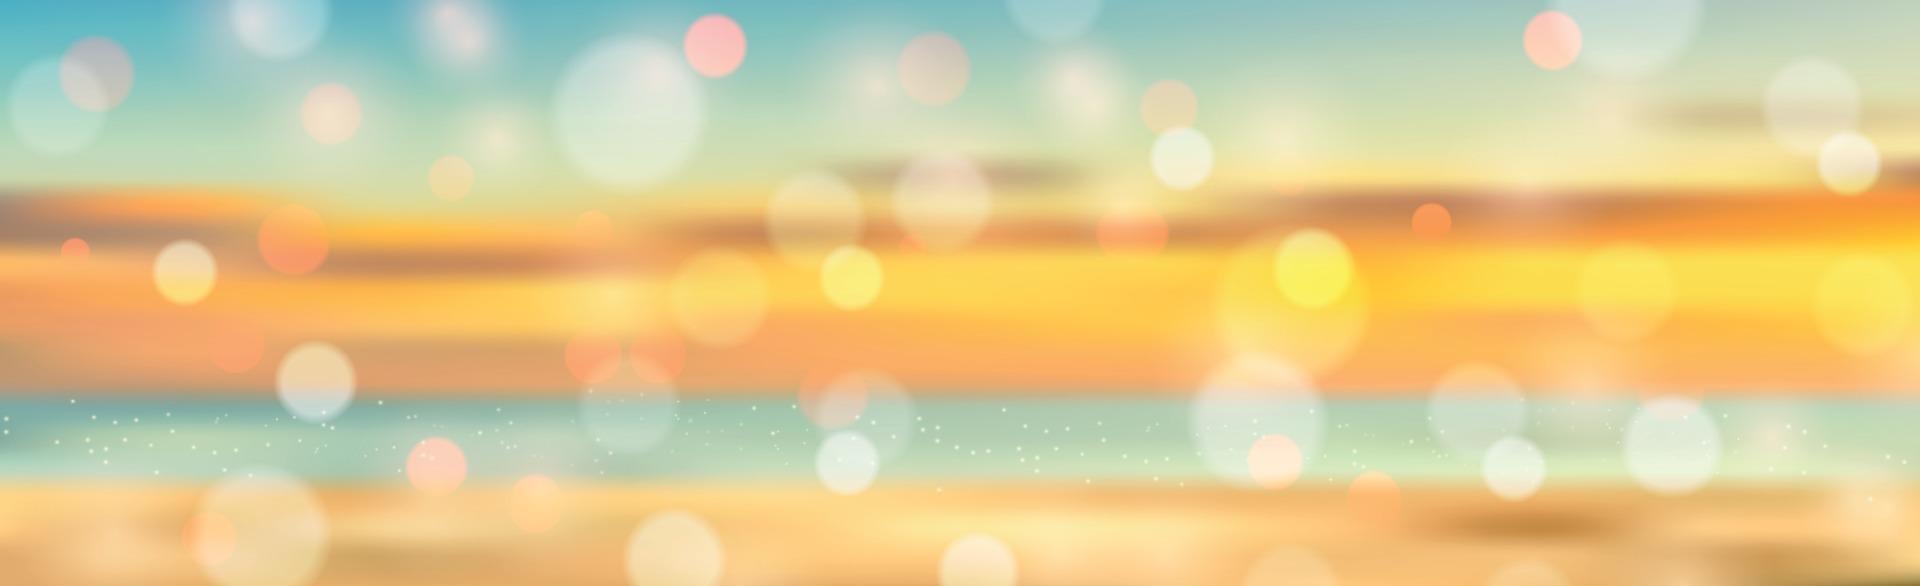 zomer panorama bokeh vakantie op zee - illustratie vector